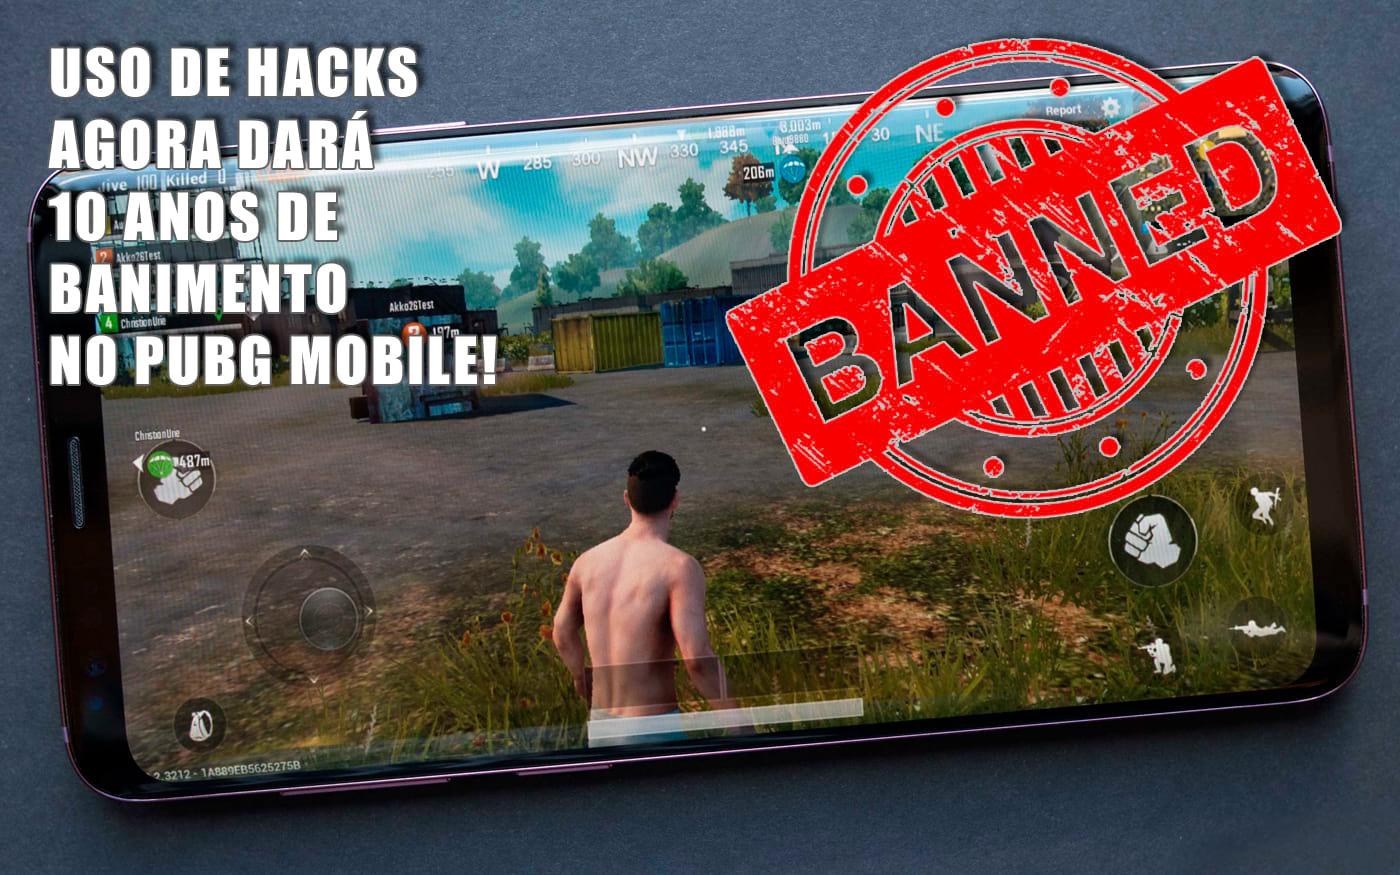 PUBG Mobile promete punir severamente jogadores que usam hacks para trapacear no jogo